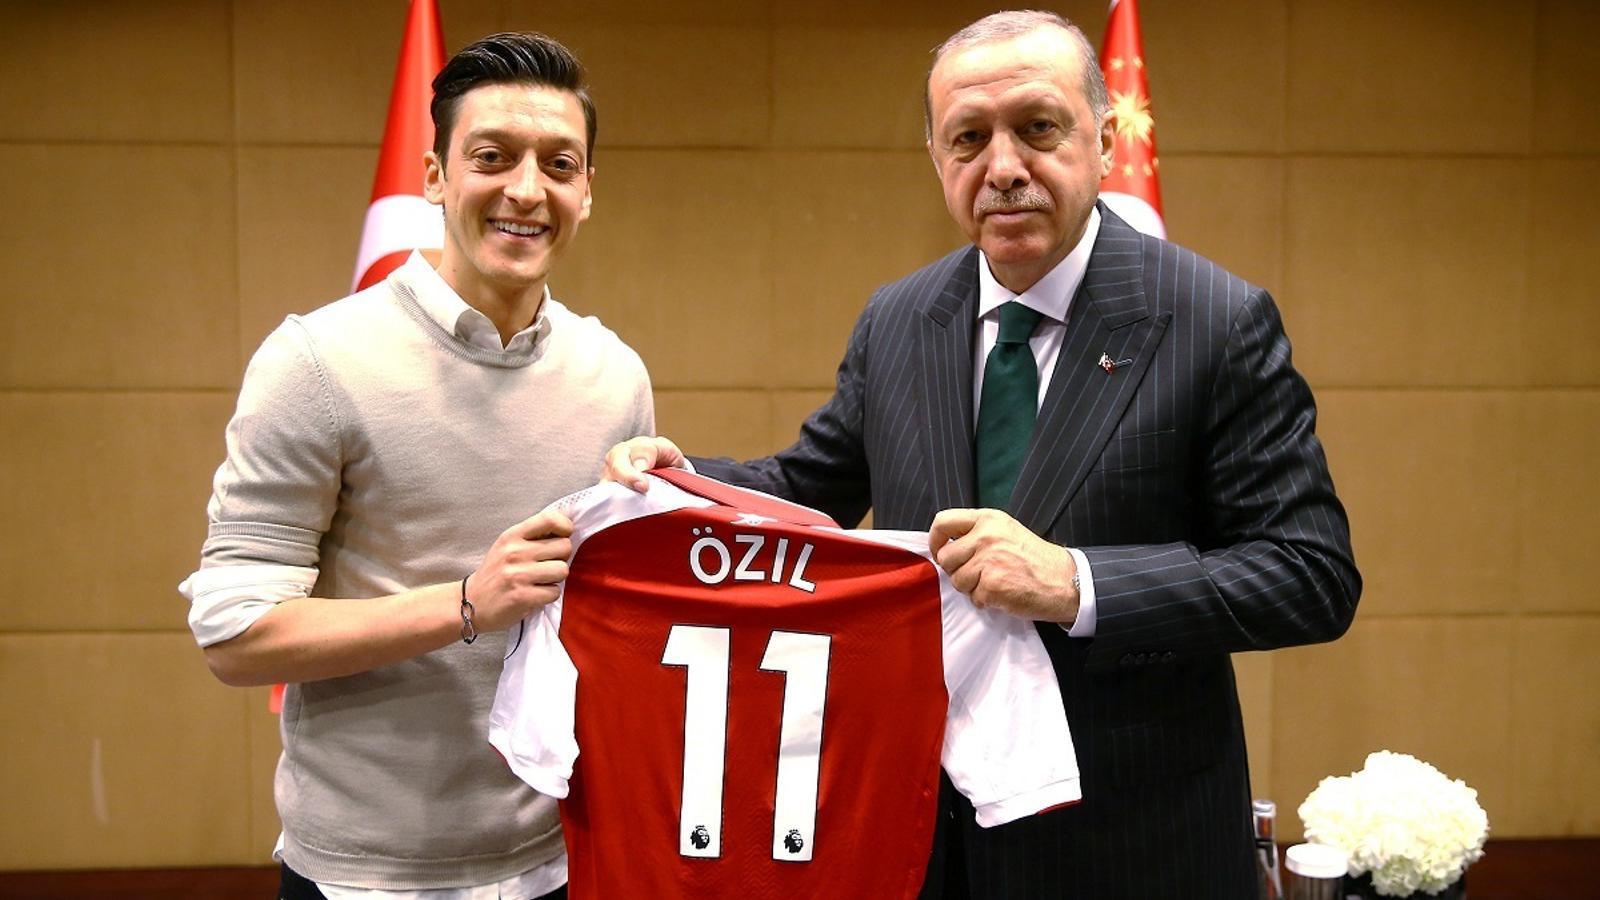 Özil, amb Erdogan